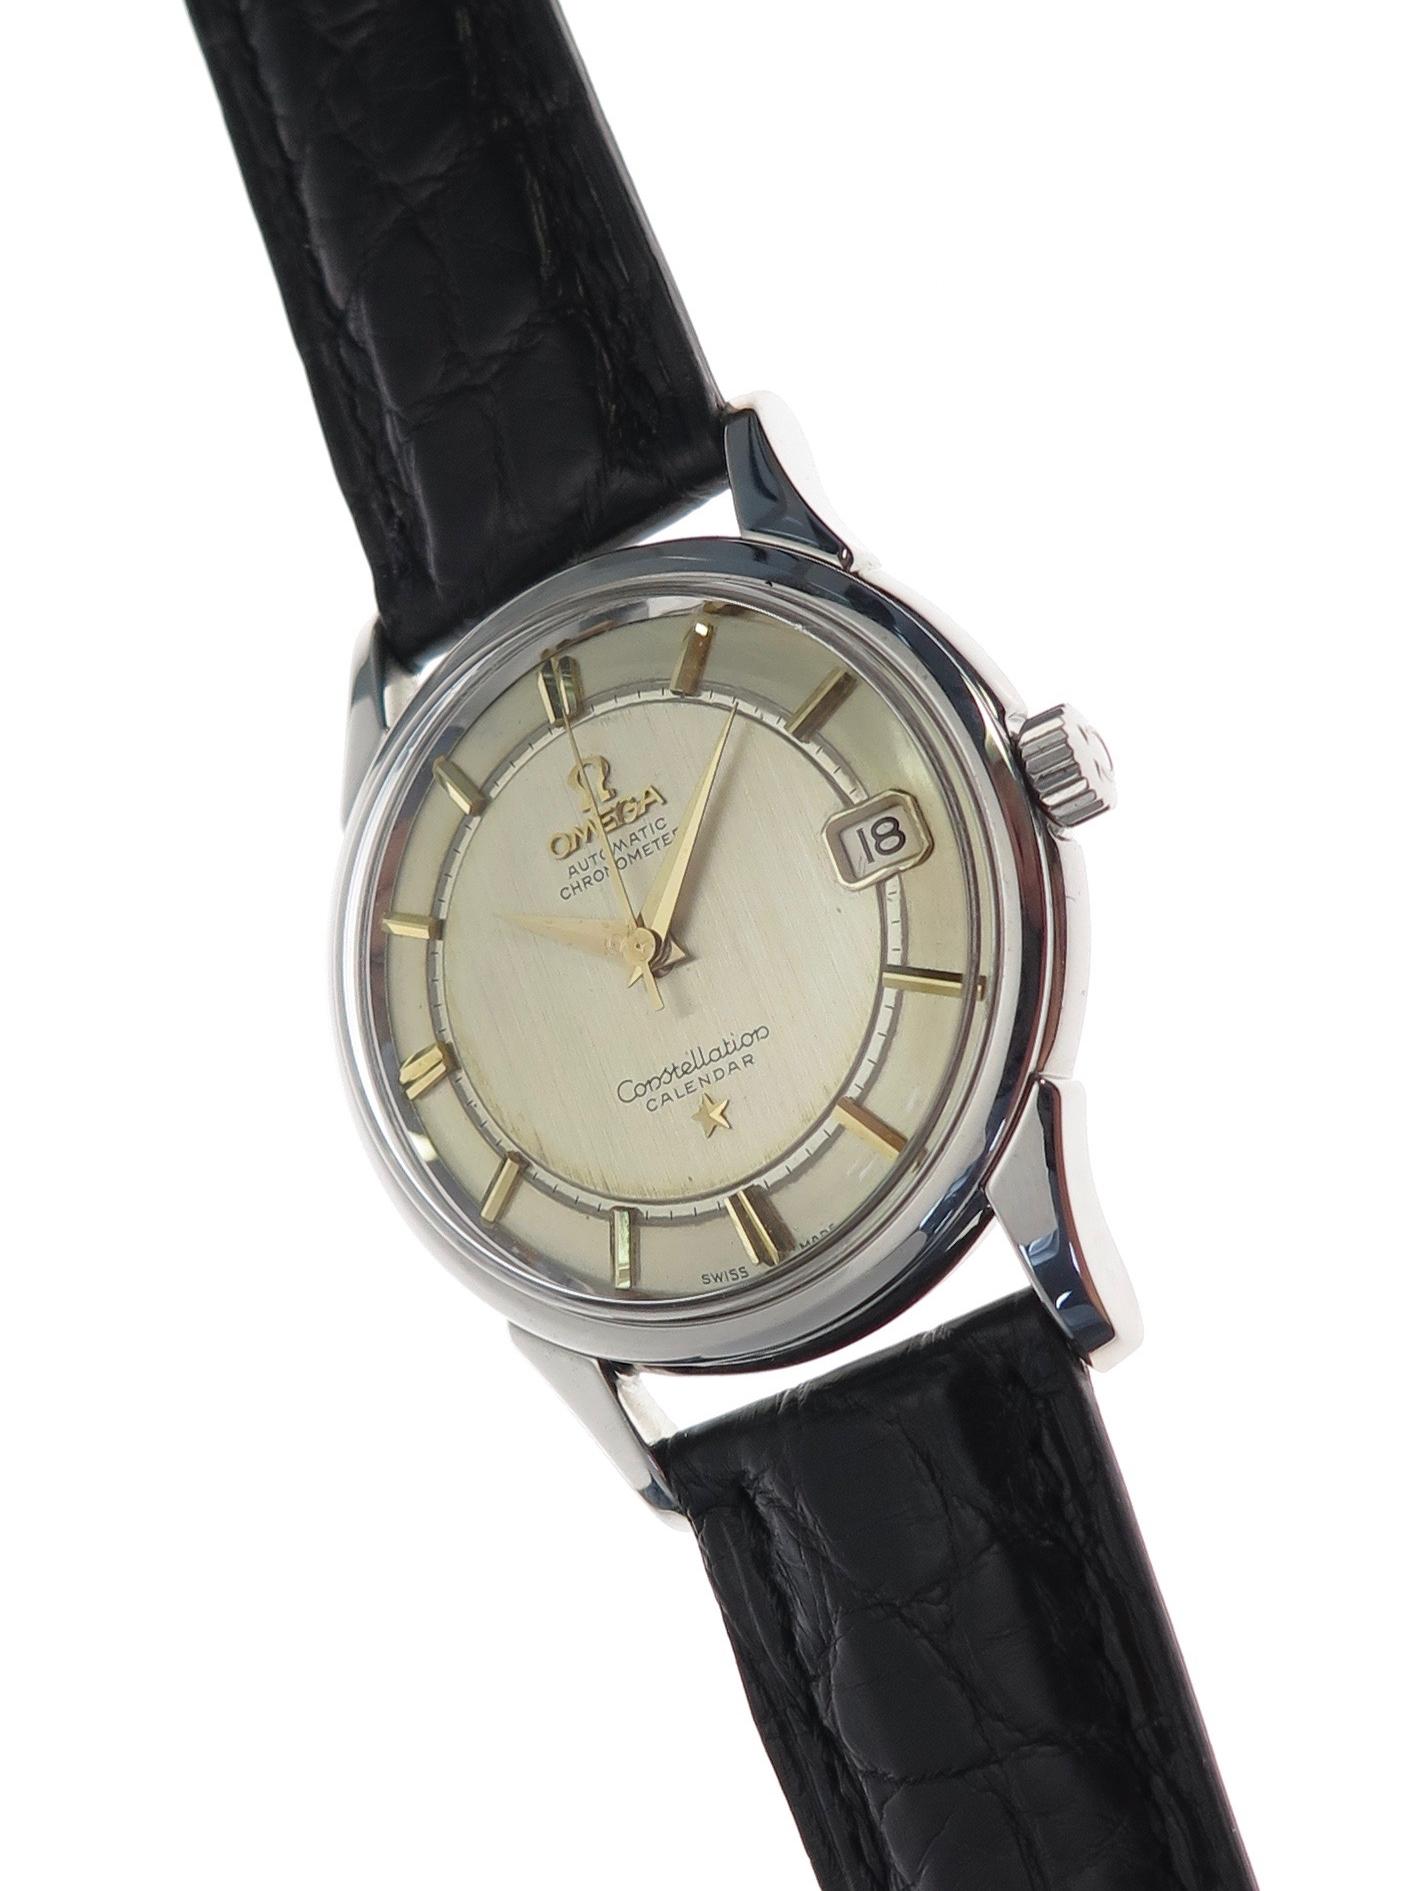 The original dial